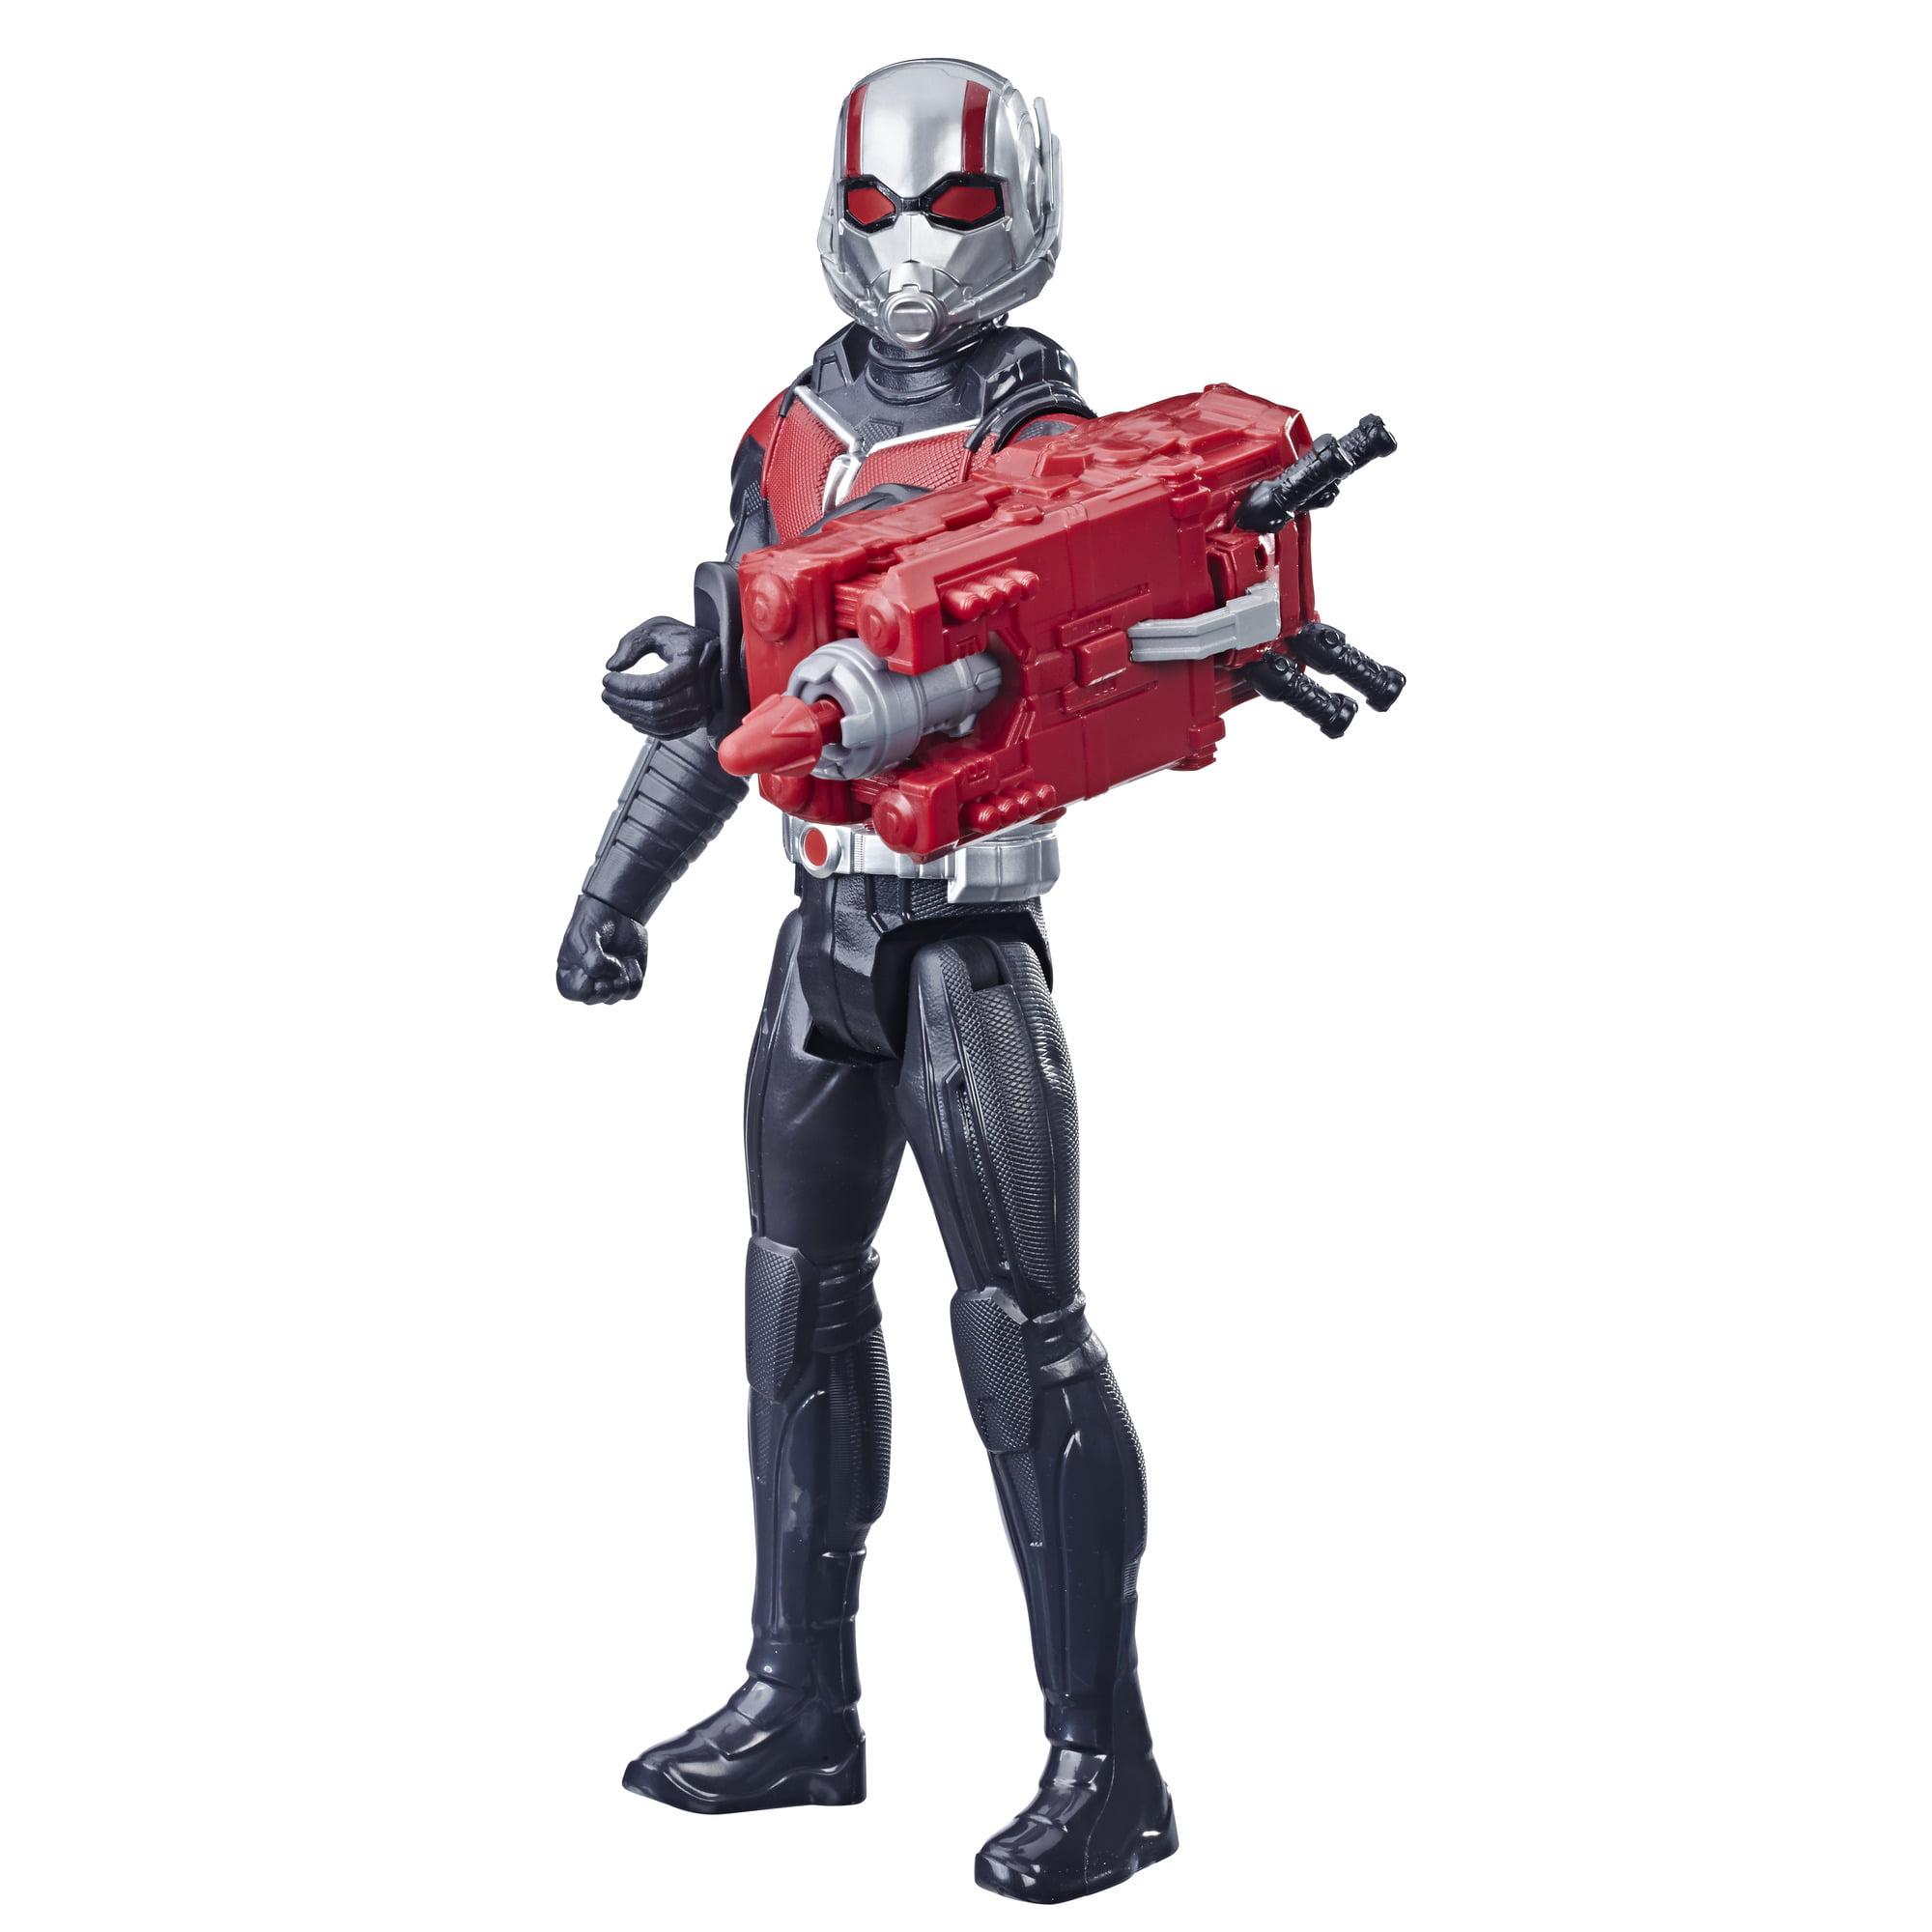 Marvel Avengers: Endgame Titan Hero Power FX Ant-Man Figure